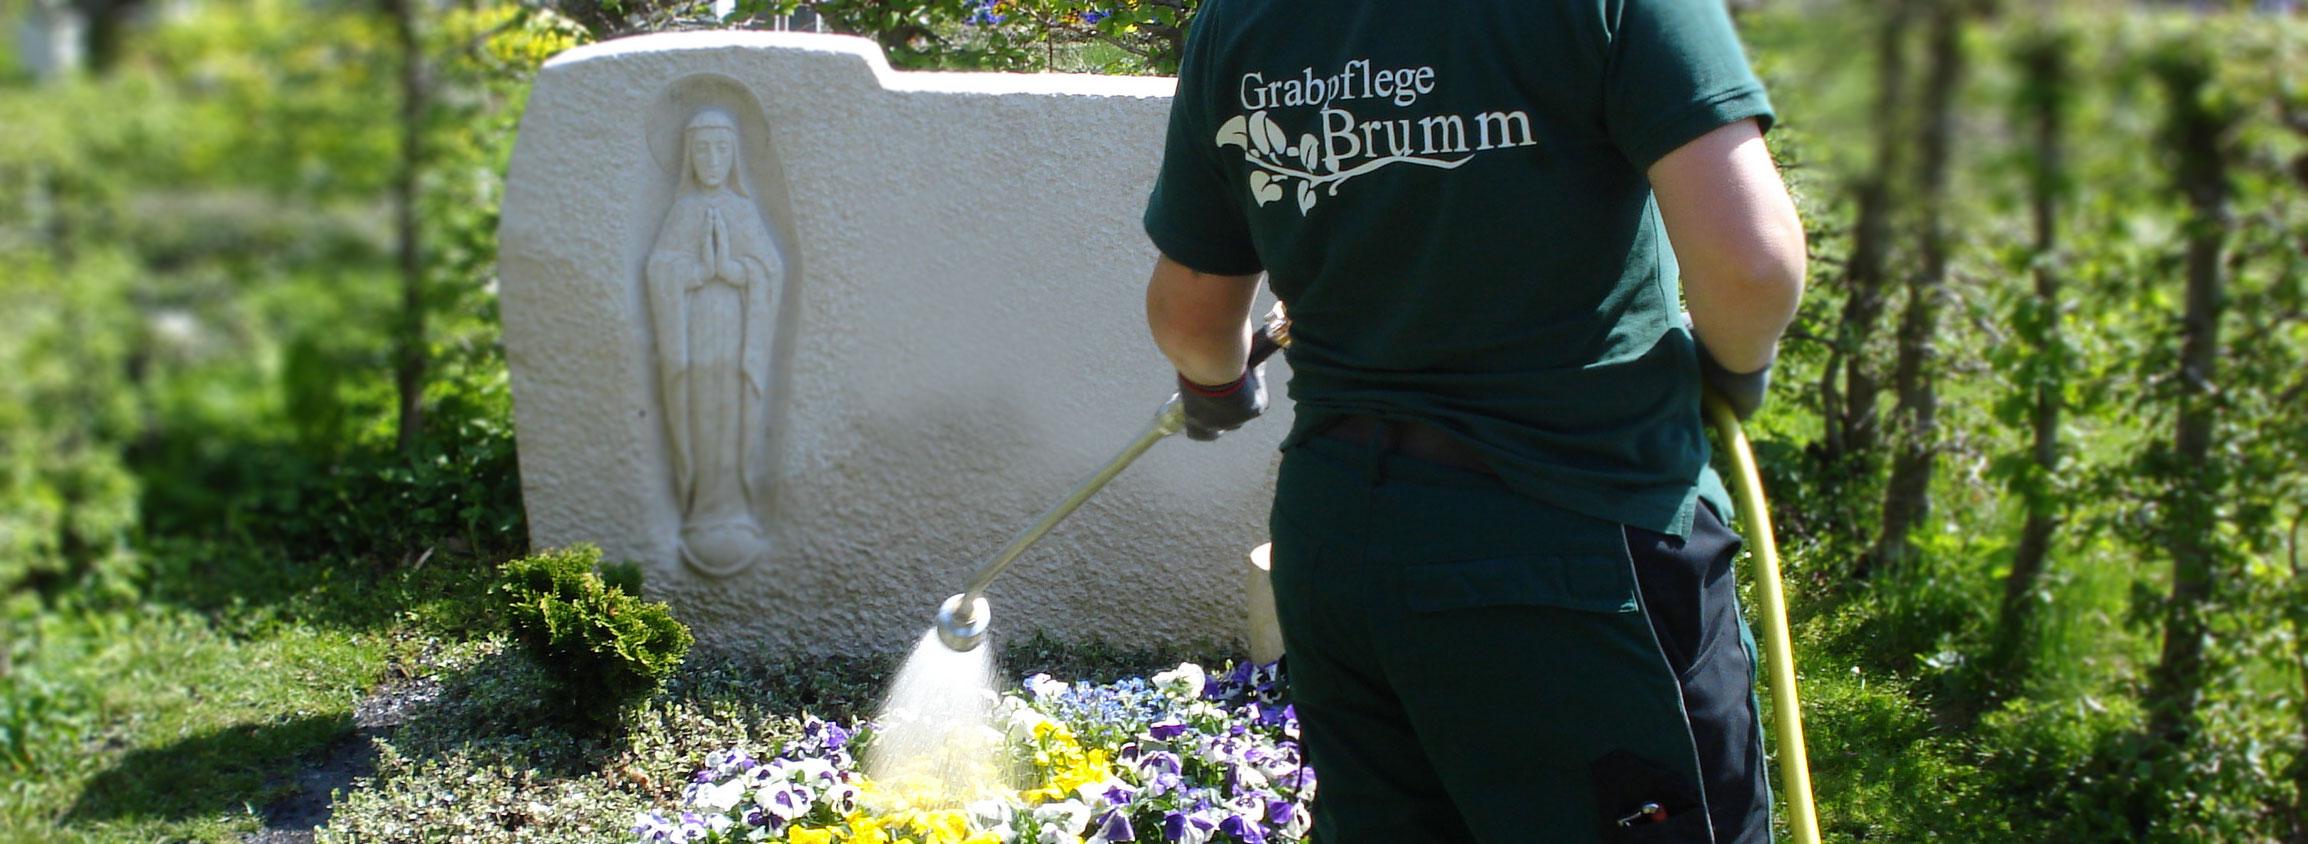 Gießdiesnt Münchener Friedhöfe Grabpflege Brumm Bayern